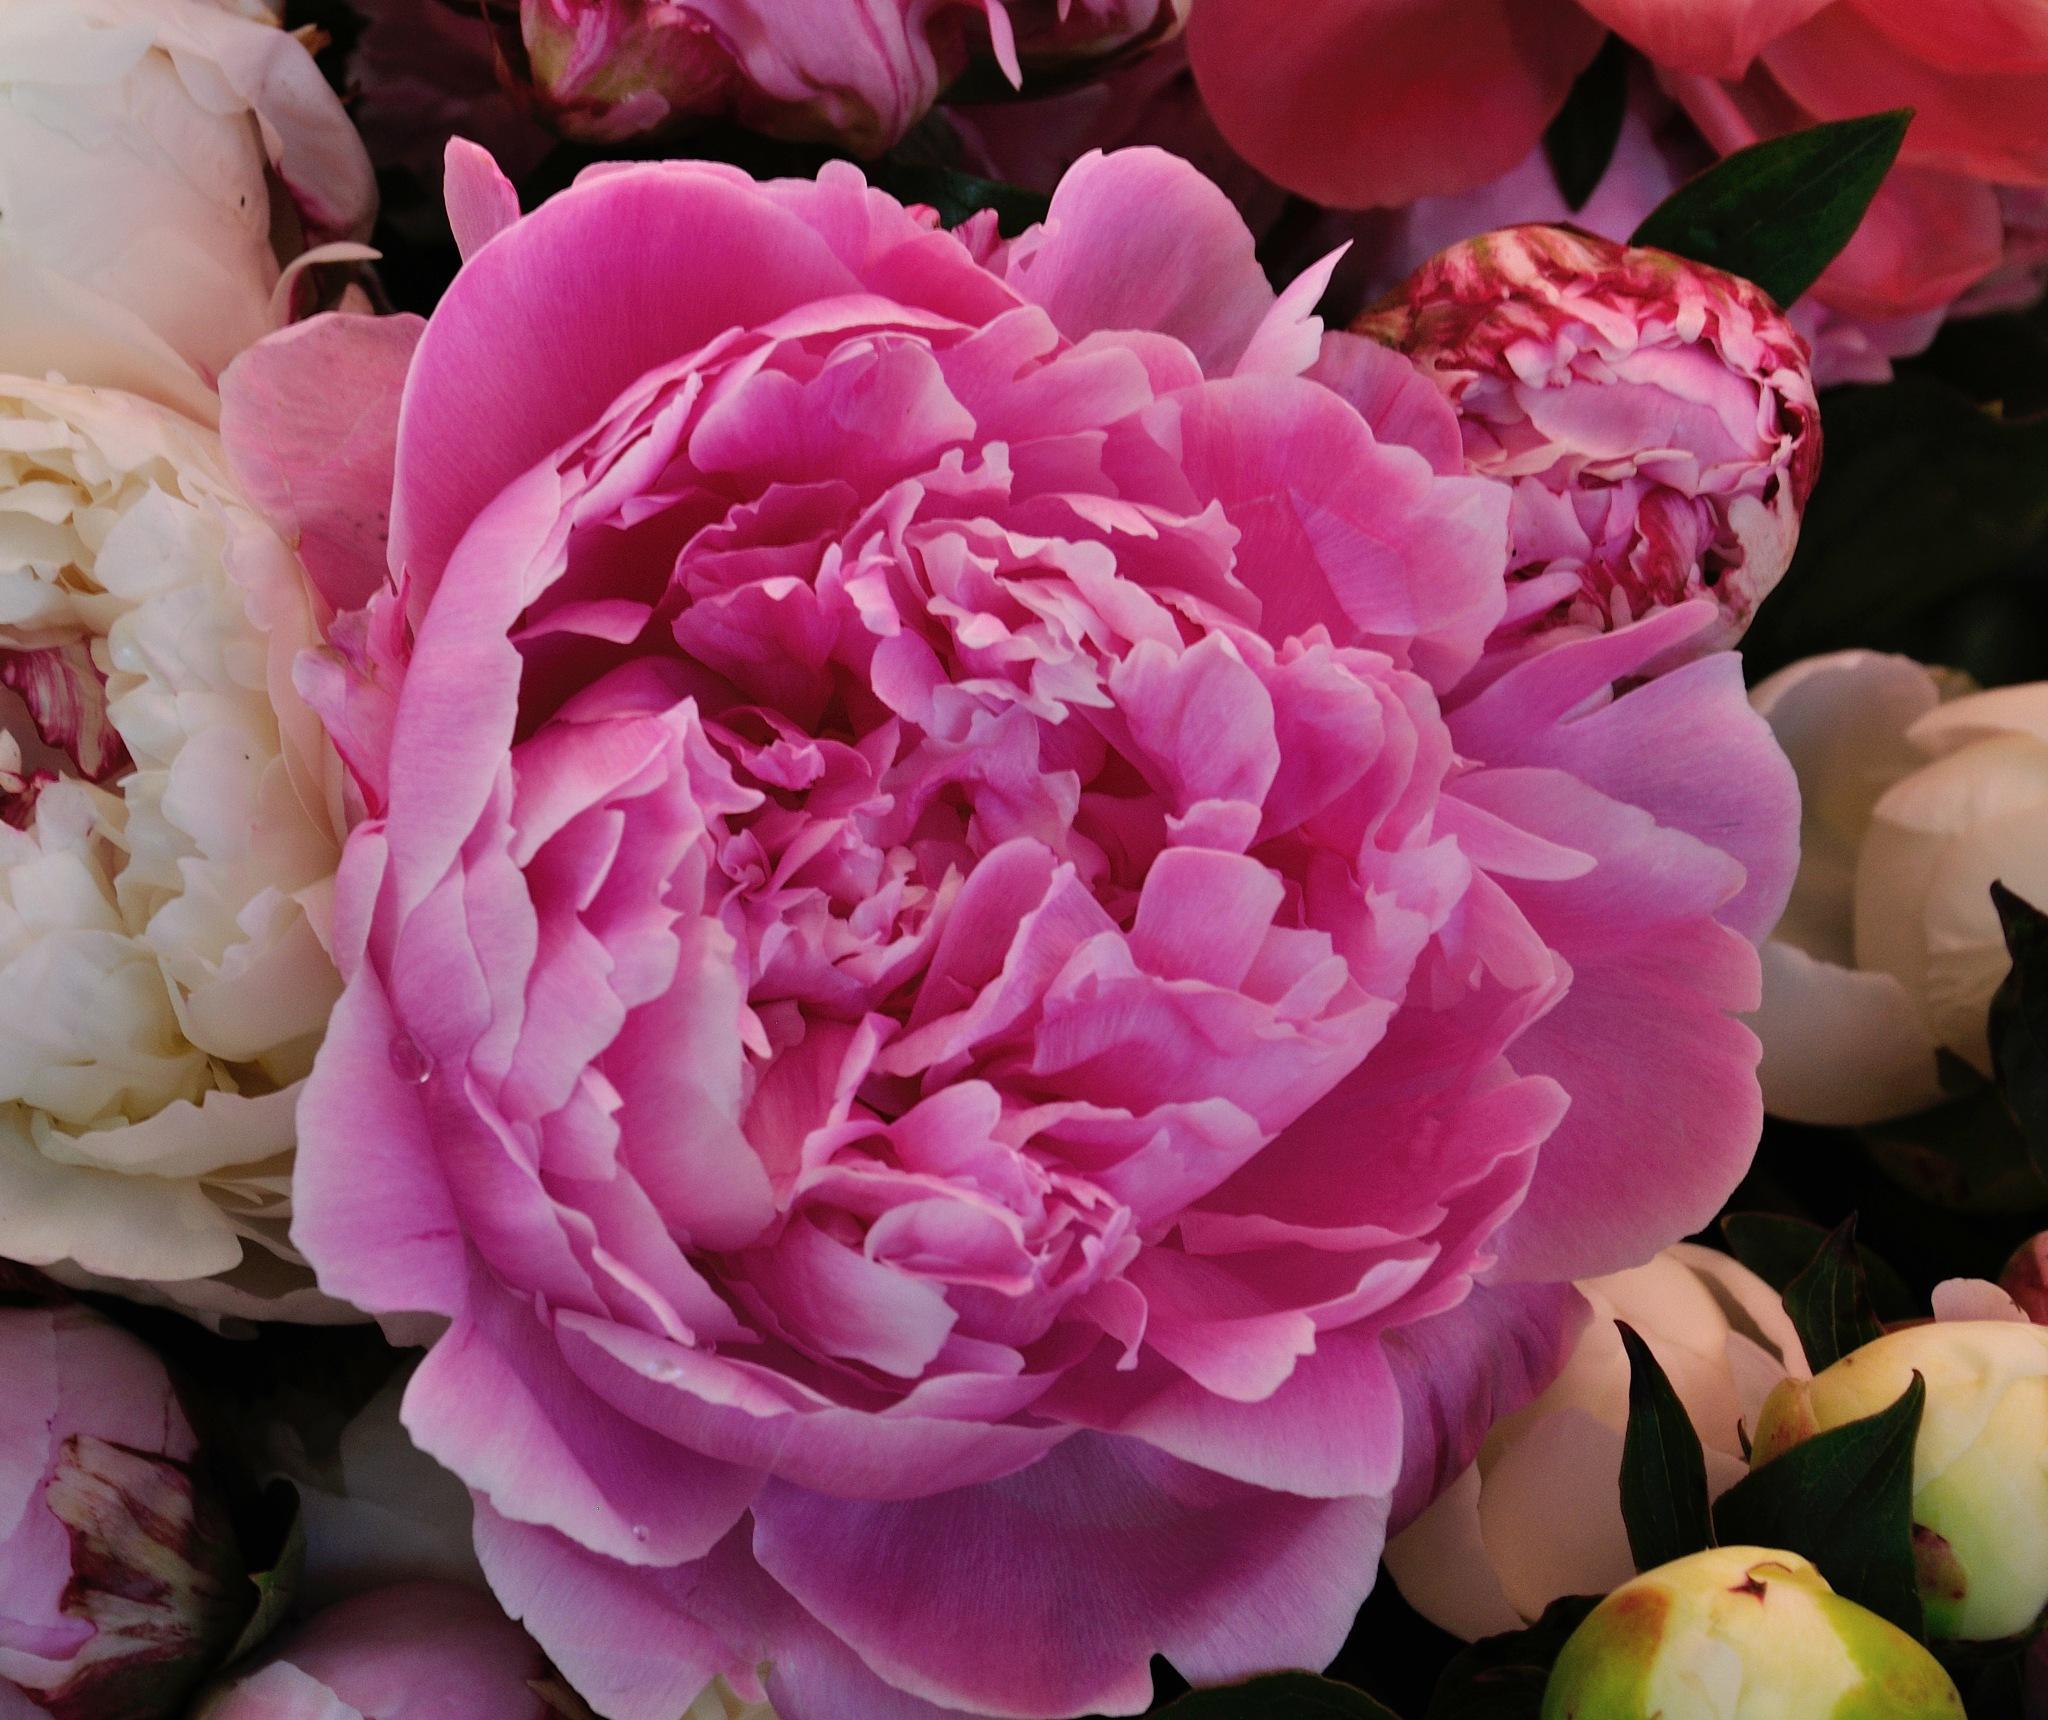 Flowers (55) by Derek Clarke